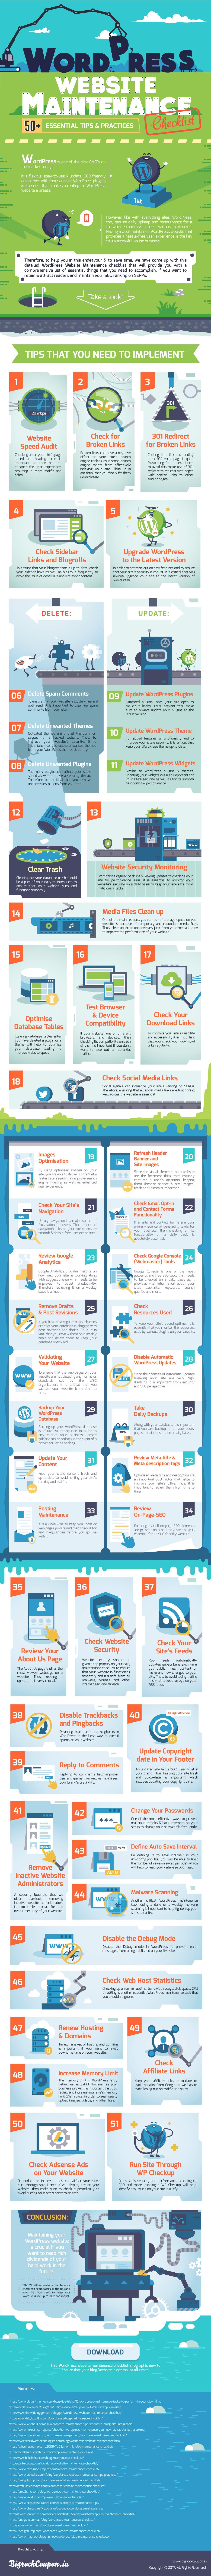 WordPress Website Maintenance Checklist